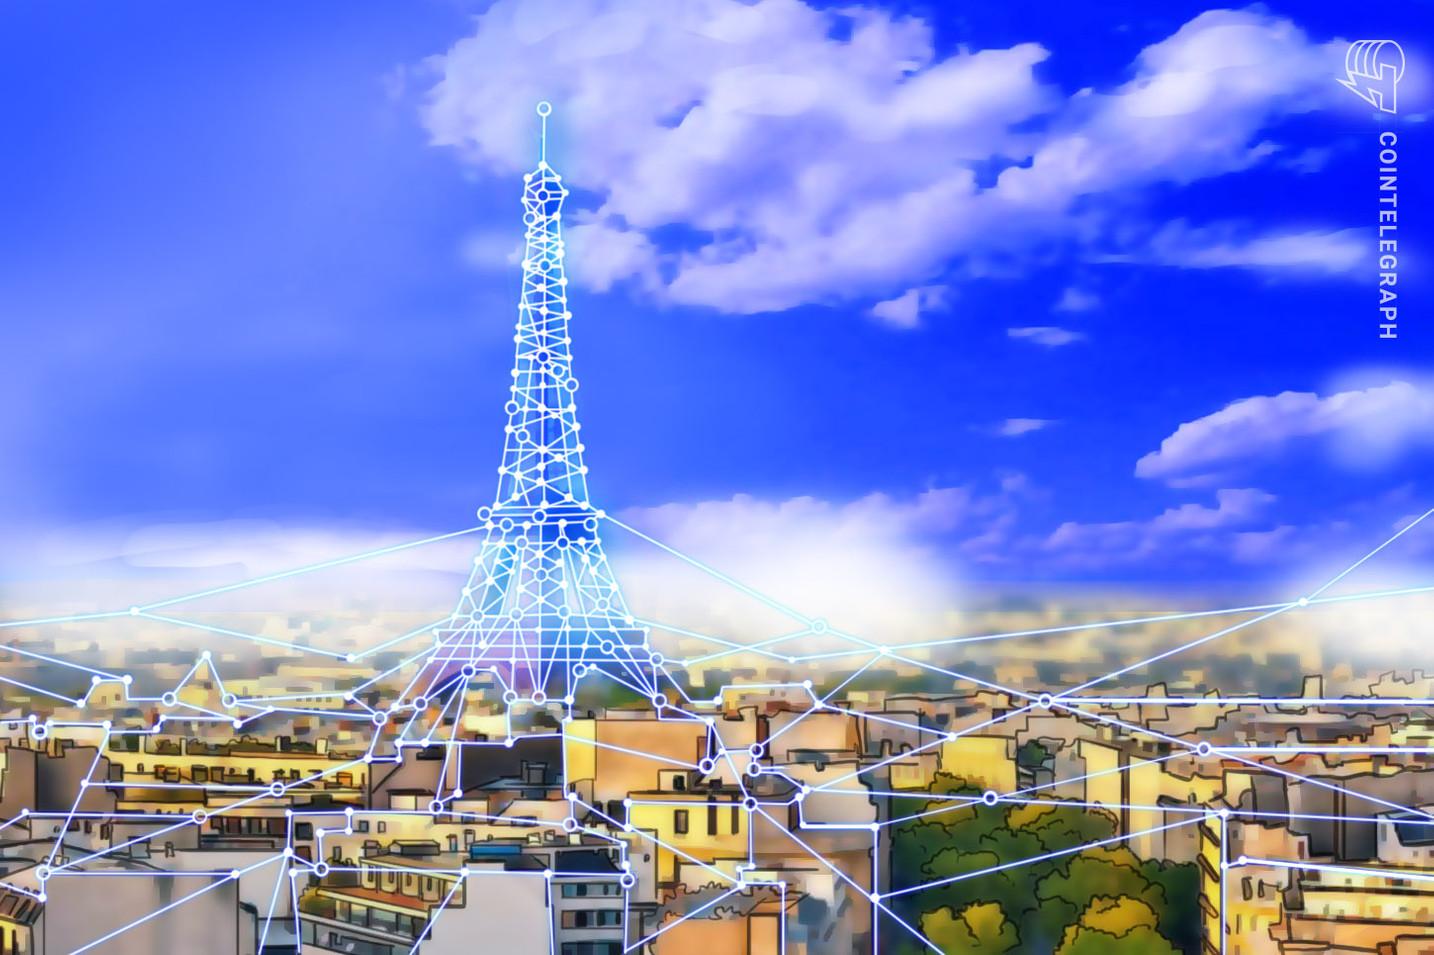 Francia: Reporte del Gobierno Recomienda Inversión Blockchain de $570 Millones